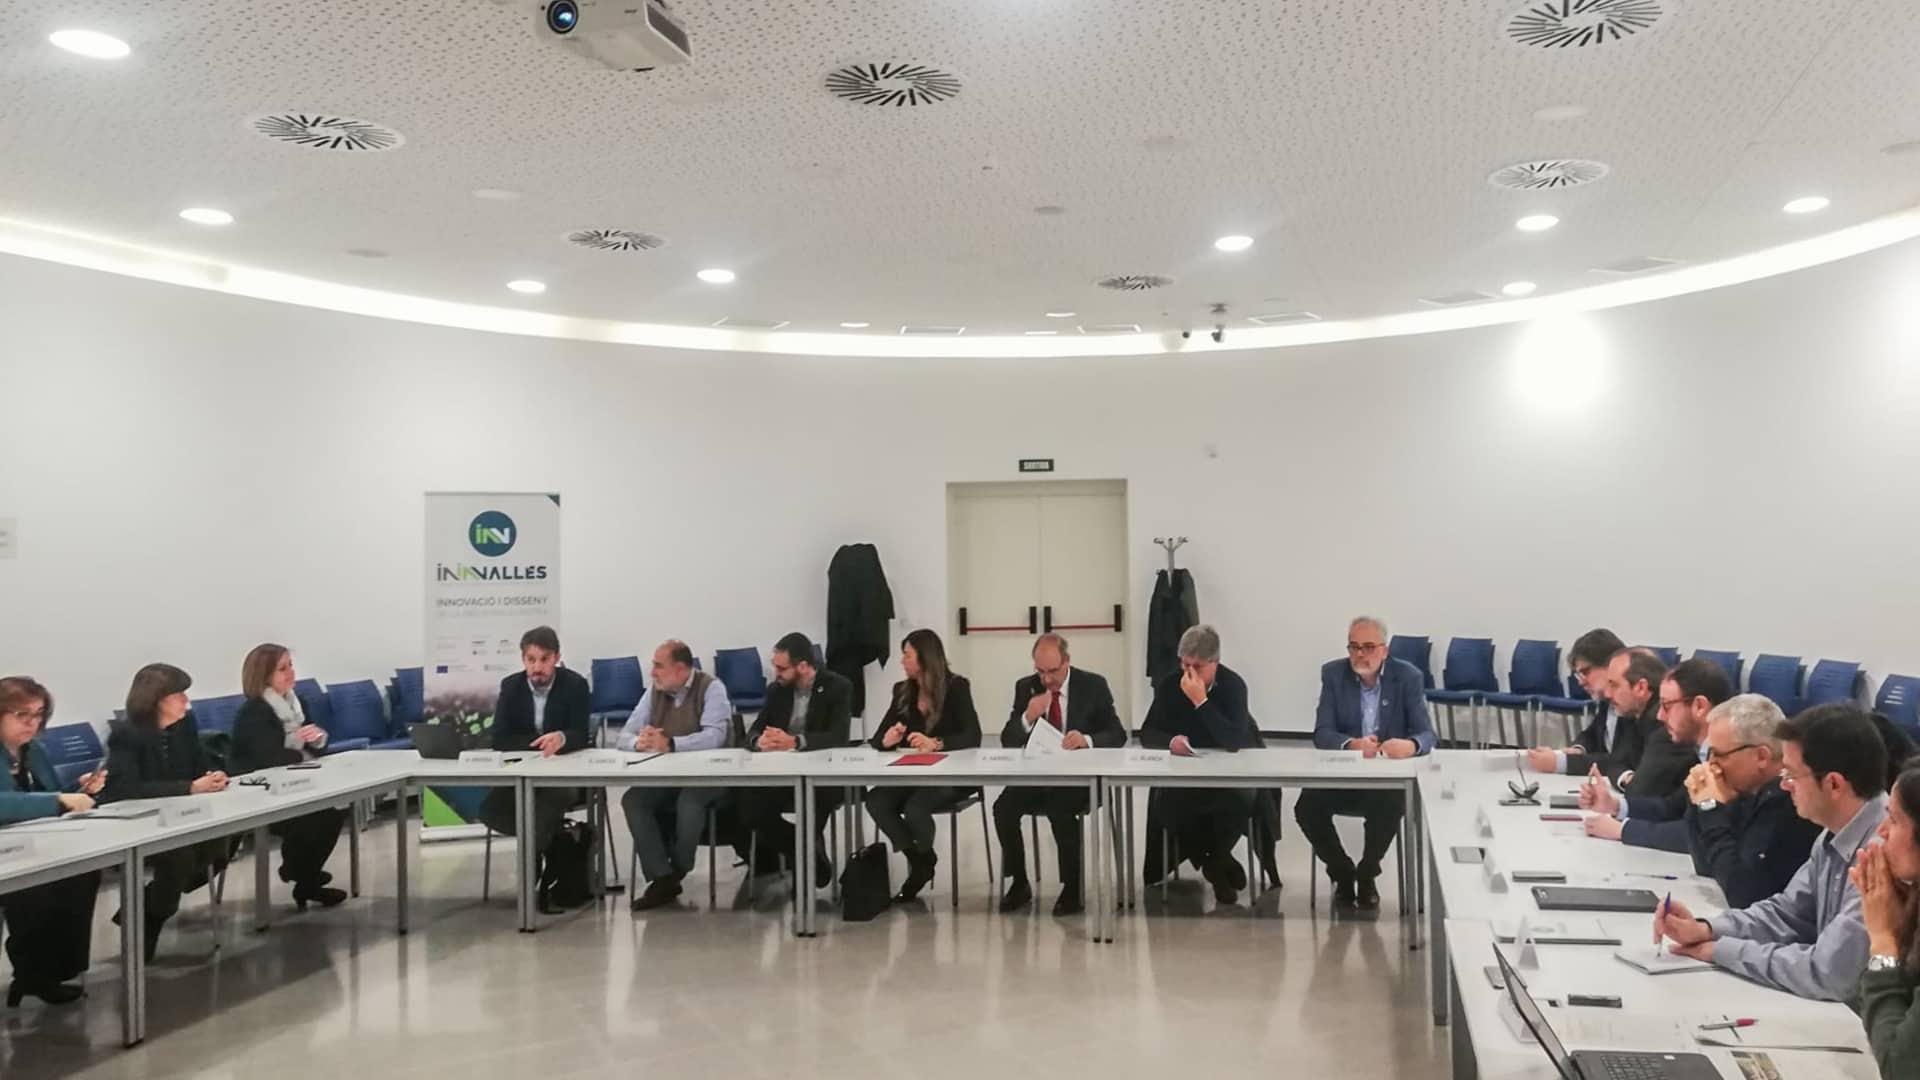 El projecte supramunicipal ININVALLÈS de disseny i innovació industrial assenta les bases per millorar la competitivitat del territori